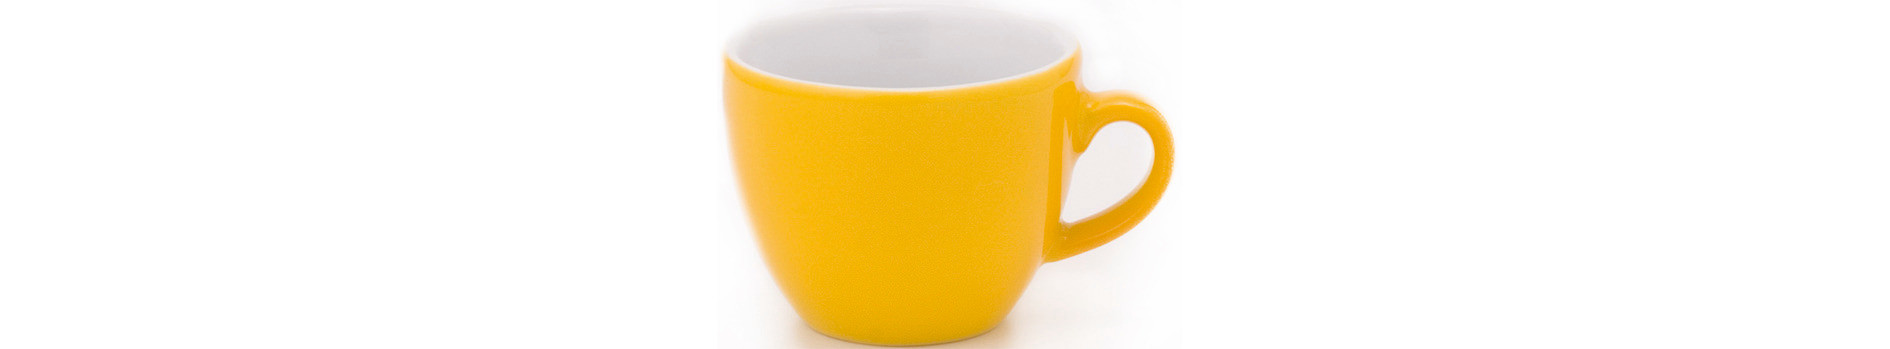 Pronto, Espressotasse ø 66 mm / 0,08 l orange-gelb